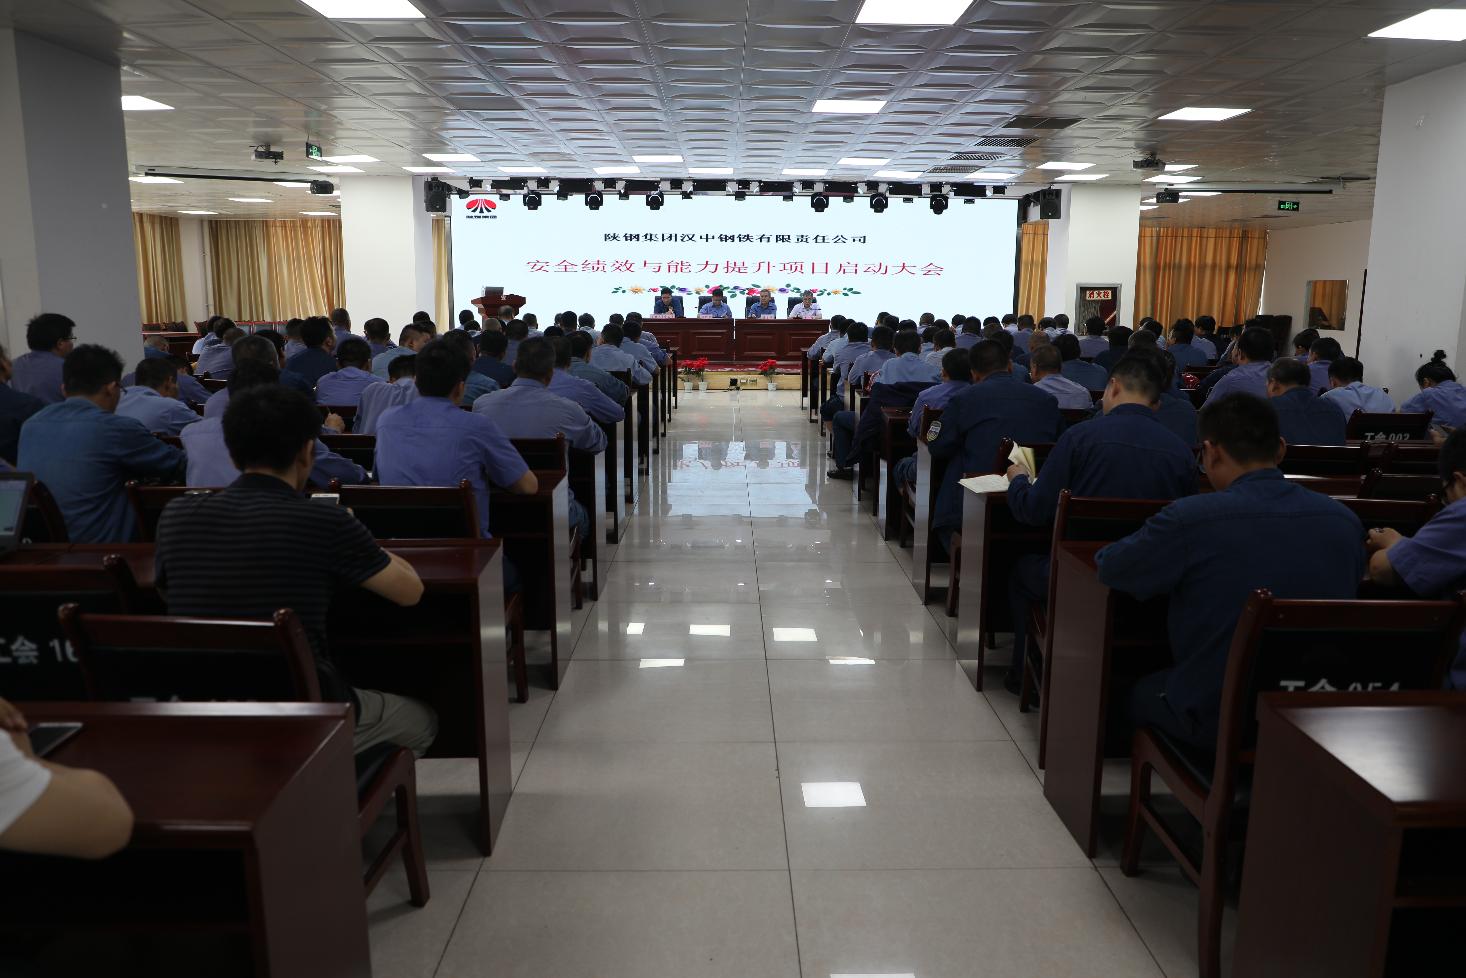 【公司新闻】公司召开安全绩效与能力提升项目启动大会